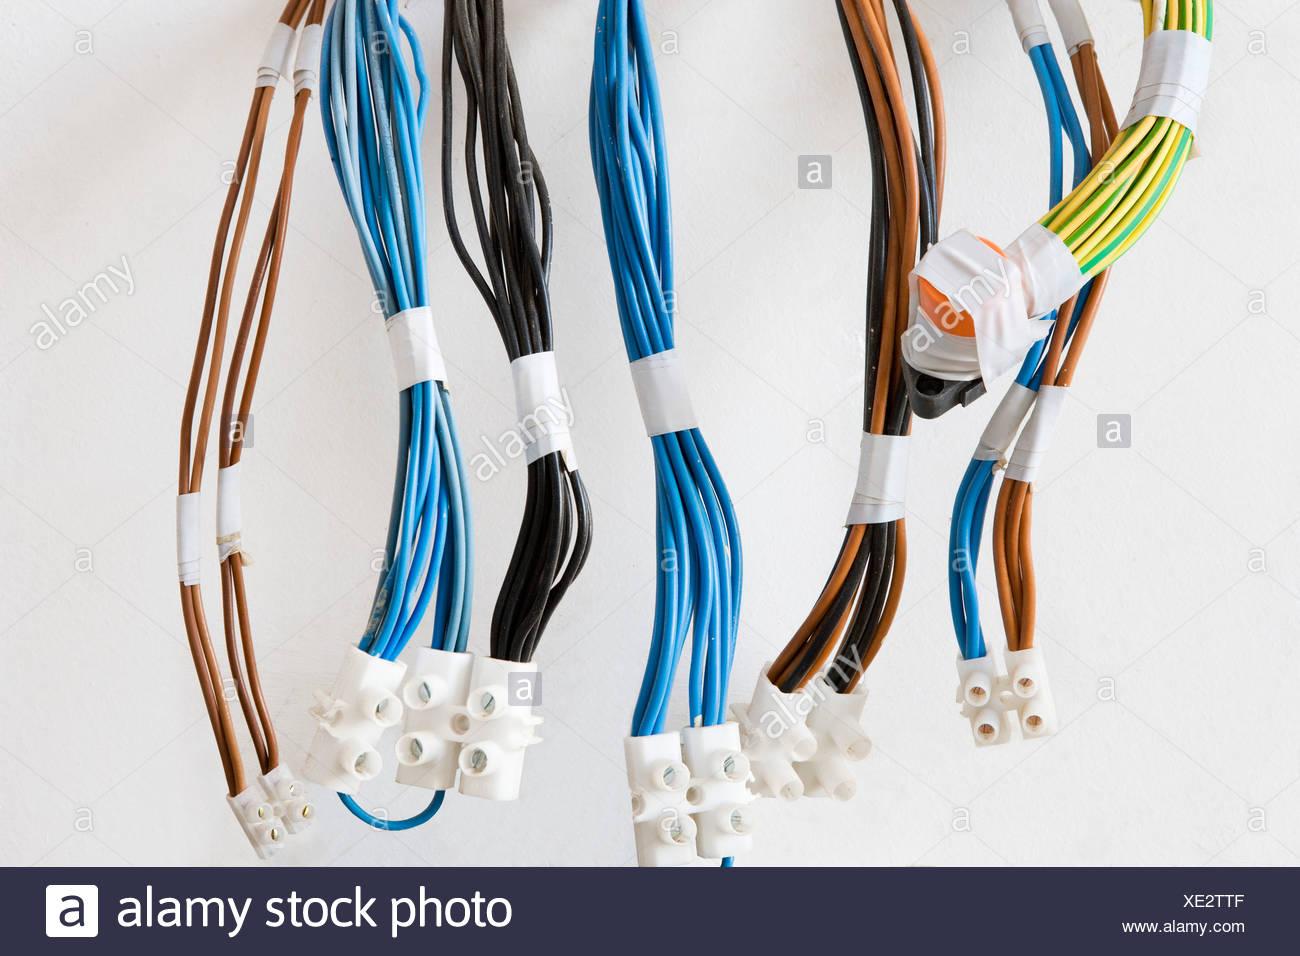 Niedlich Elektrische Kabel Und Kabelprüfung Galerie - Elektrische ...